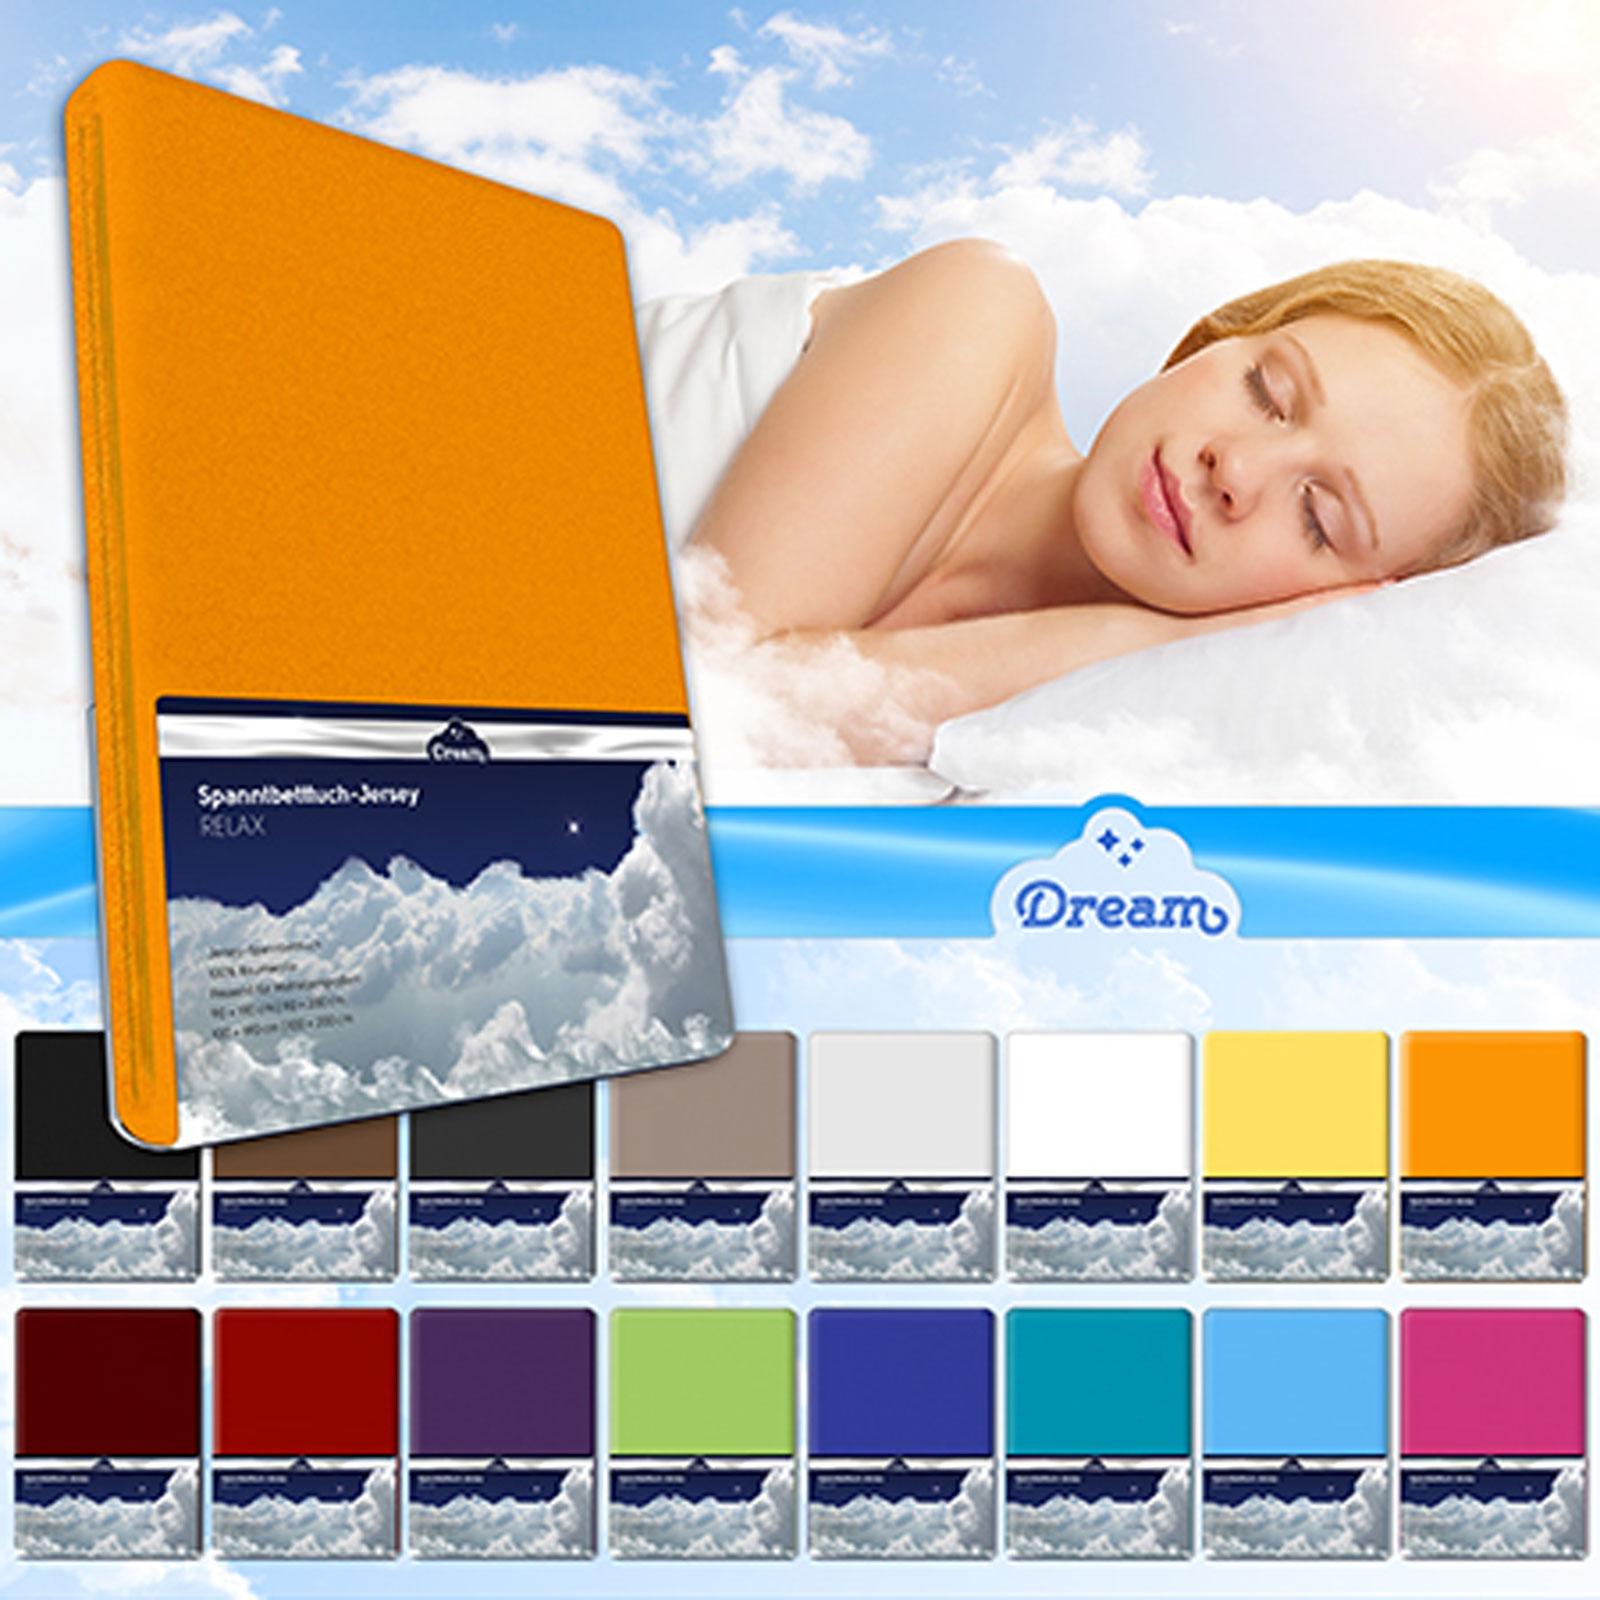 Bettwäsche - Kinder baby Spannbetttuch Jersey Baumwolle DREAM 70x140 Spannbettlaken  - Onlineshop PremiumShop321